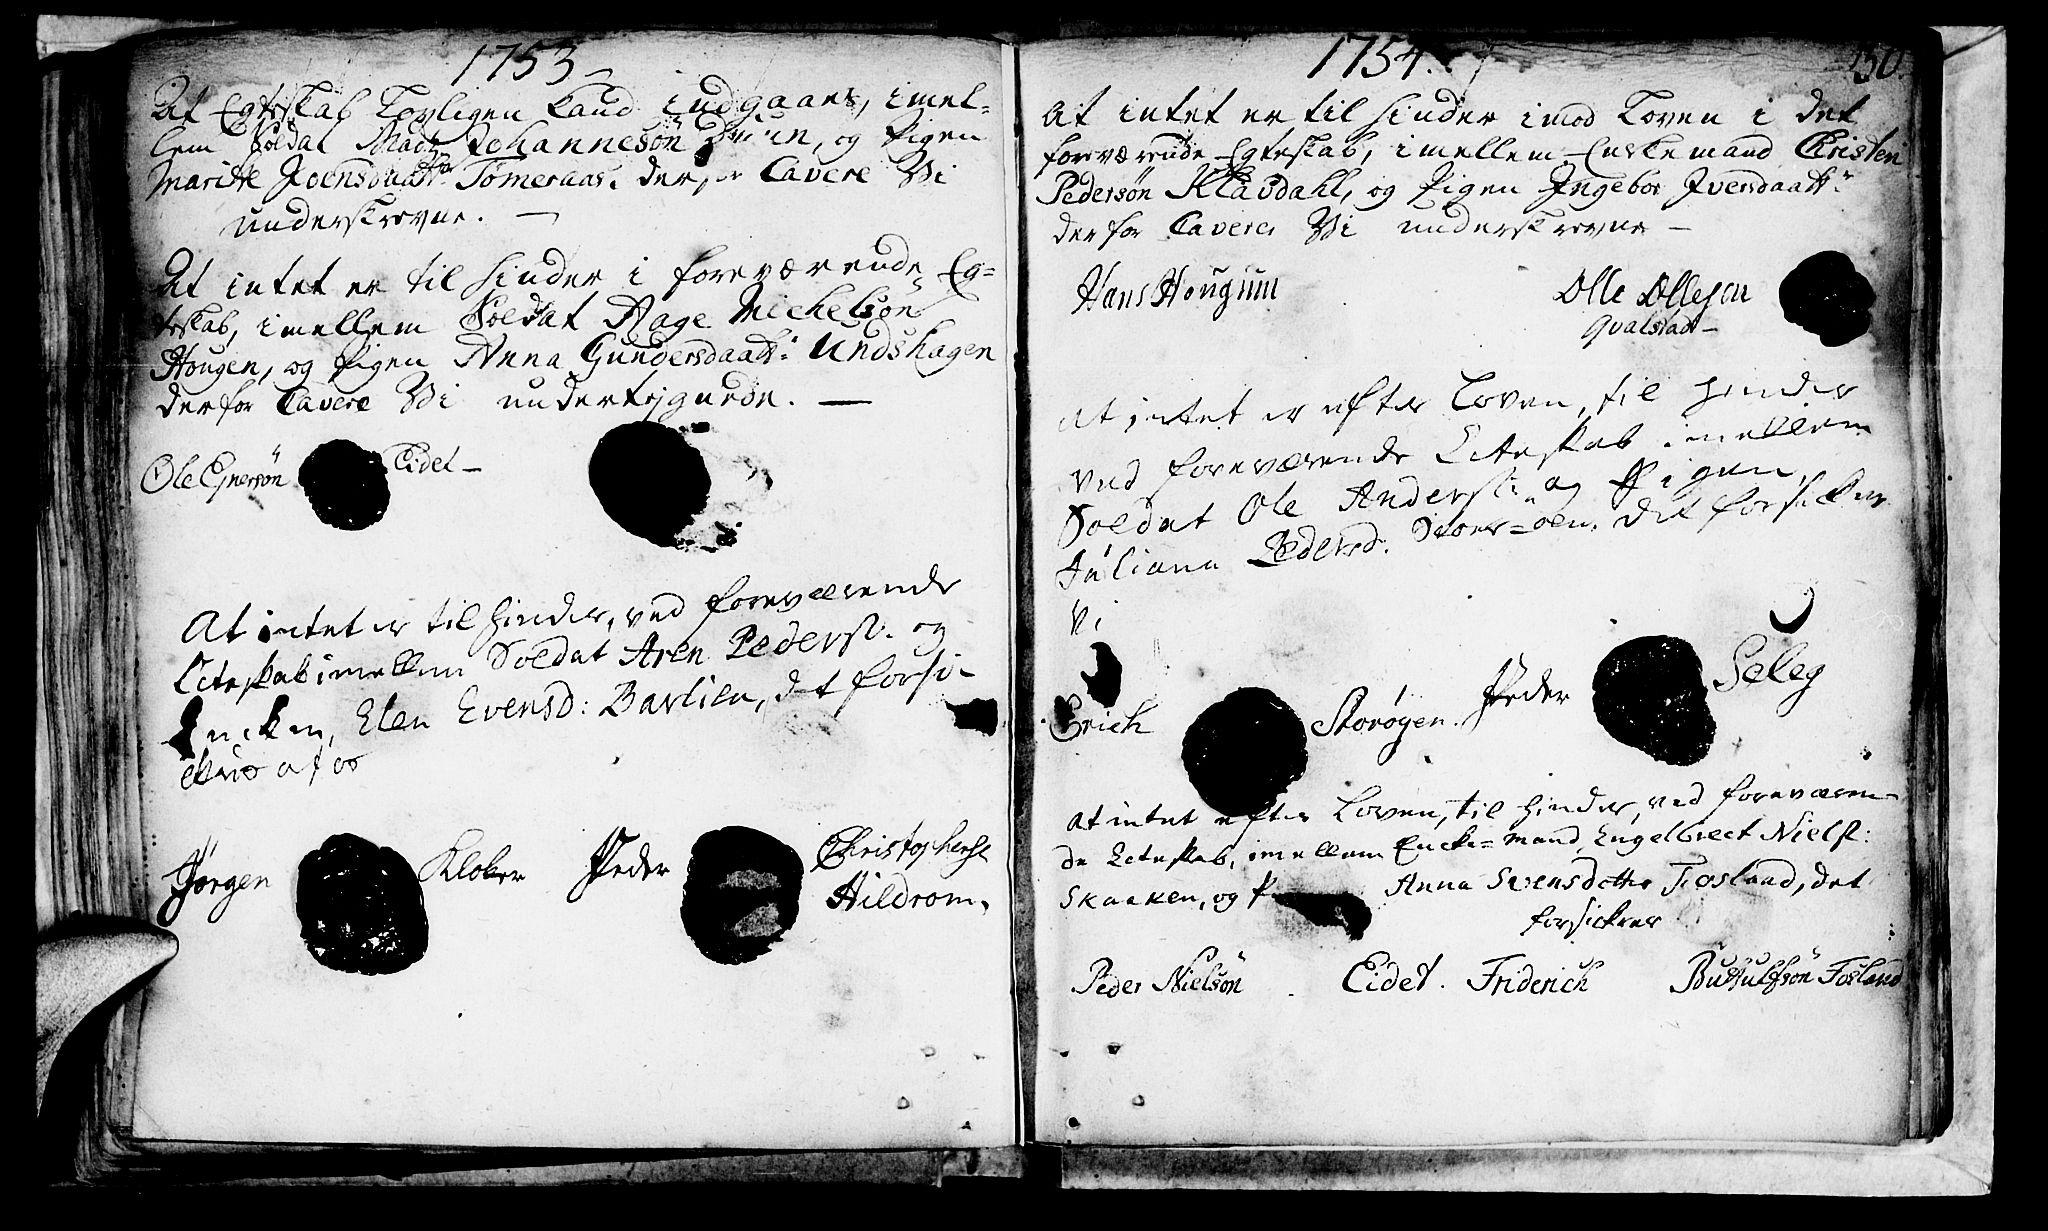 SAT, Ministerialprotokoller, klokkerbøker og fødselsregistre - Nord-Trøndelag, 764/L0541: Ministerialbok nr. 764A01, 1745-1758, s. 30